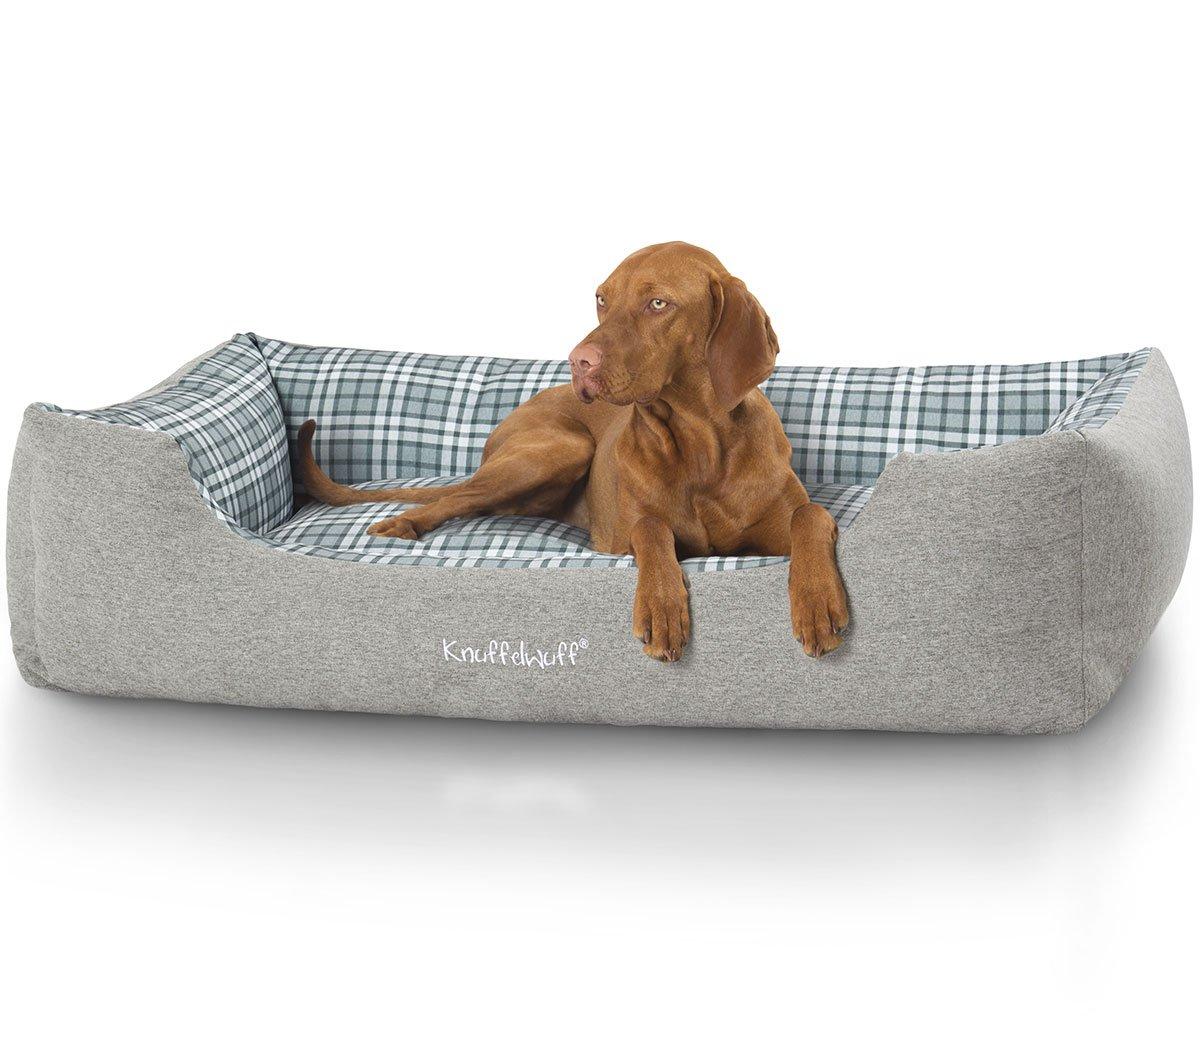 in cerca di agente di vendita Knuffel Wuff 13988 – 001 Velour Cuccia, cuscino per cani, cani, cani, divano per cani, cesta per cani, Lennard con motivo scozzese, 85 x 63 cm, M L, Grigio verde  wholesape economico